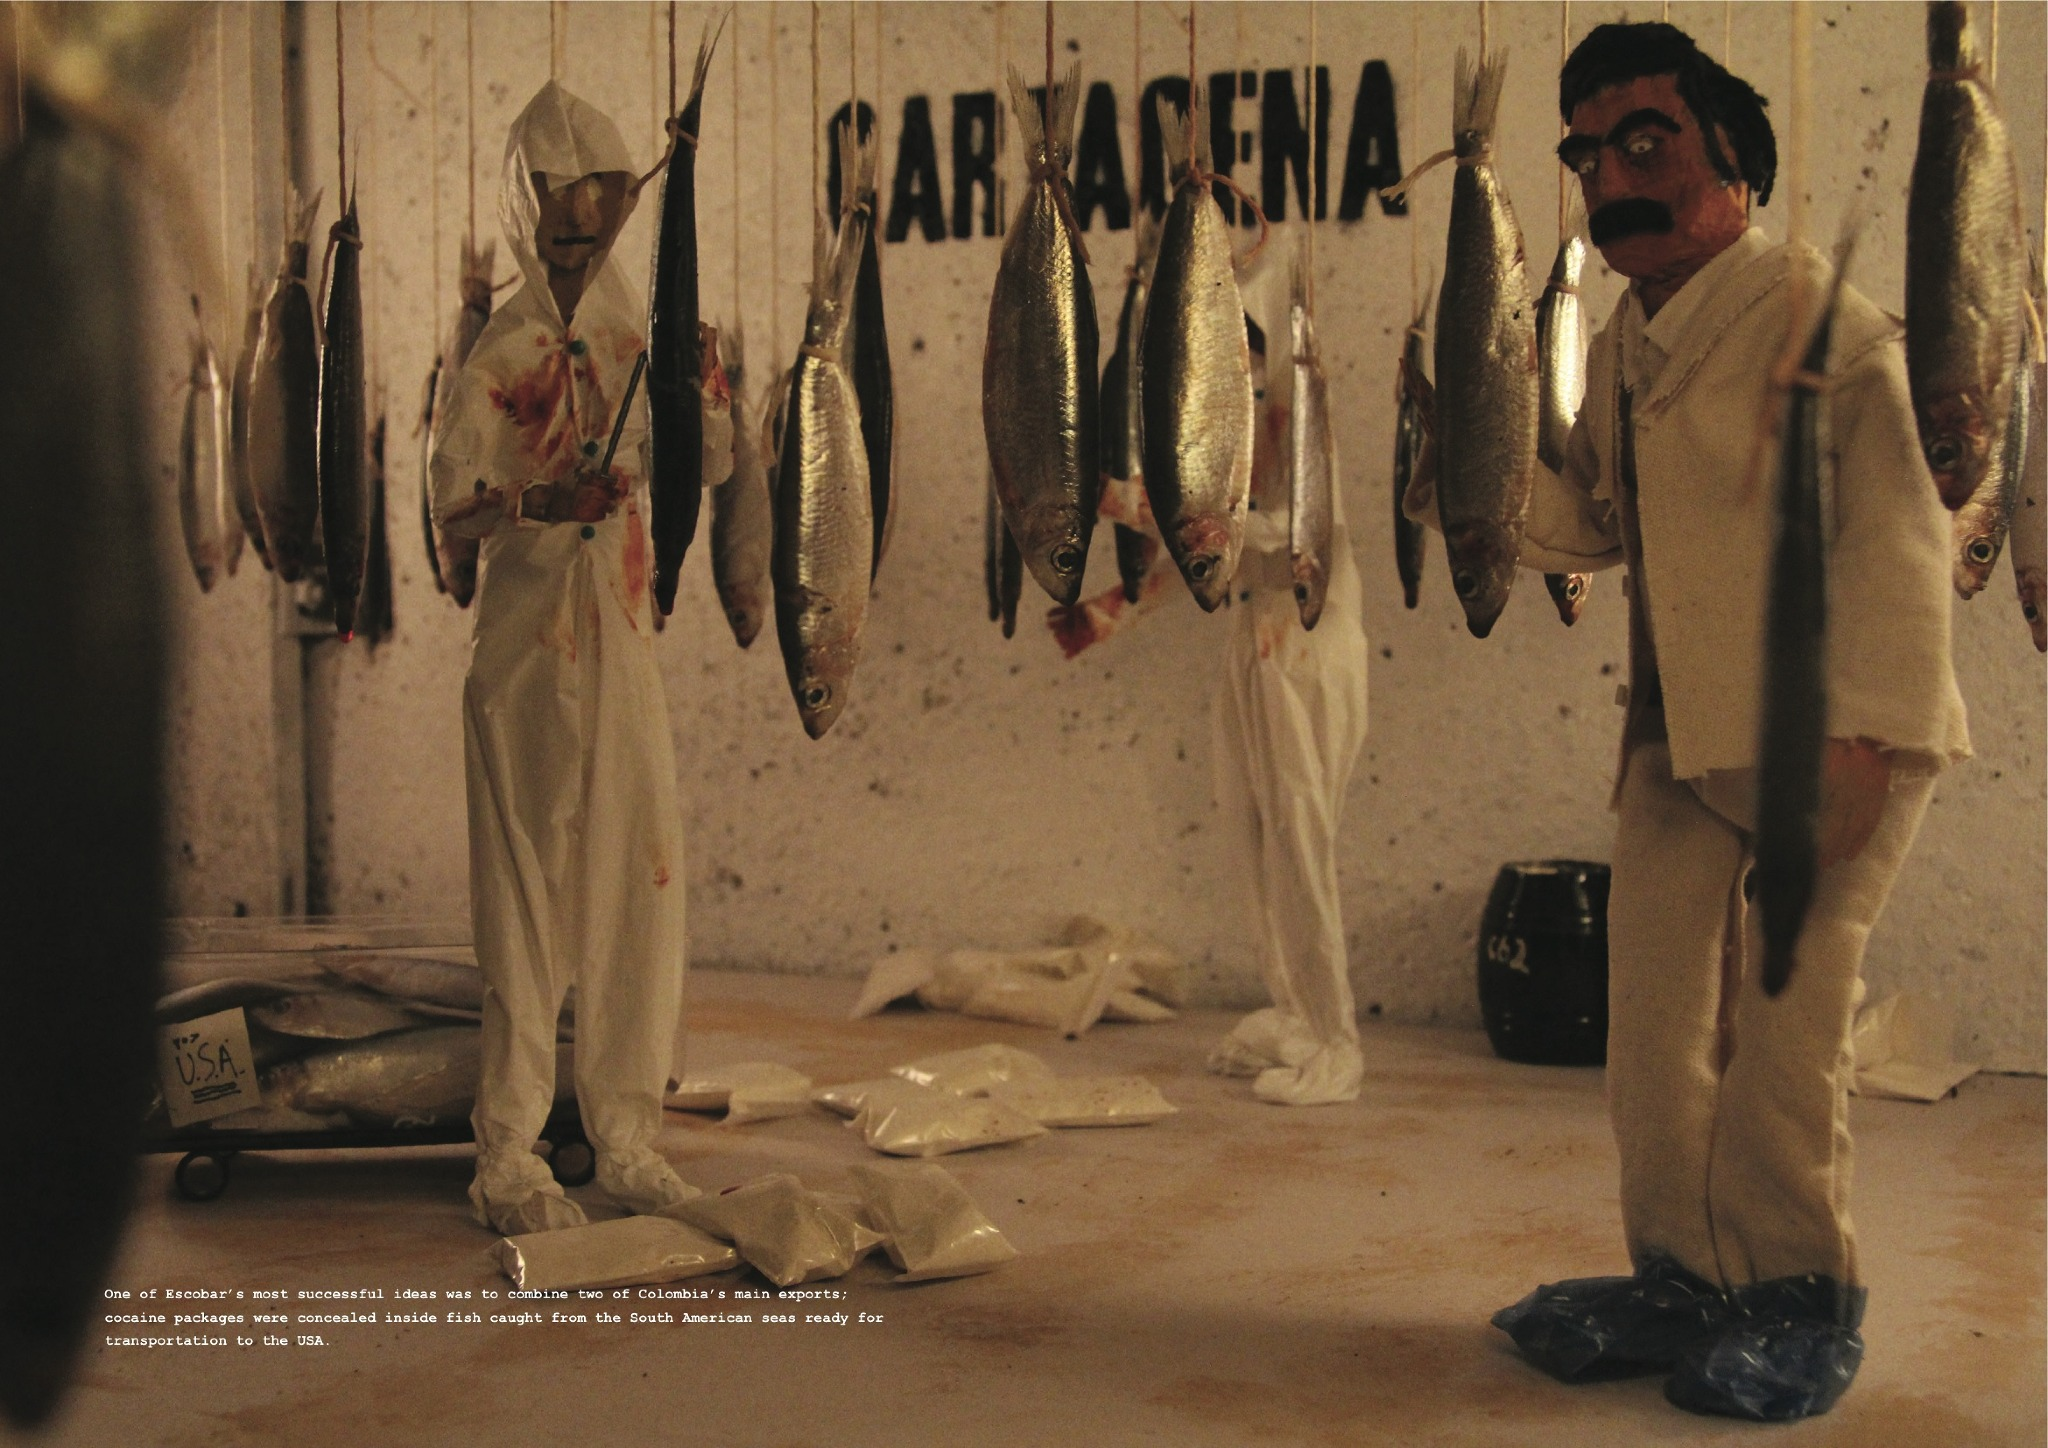 Pablo Escobar Story 15